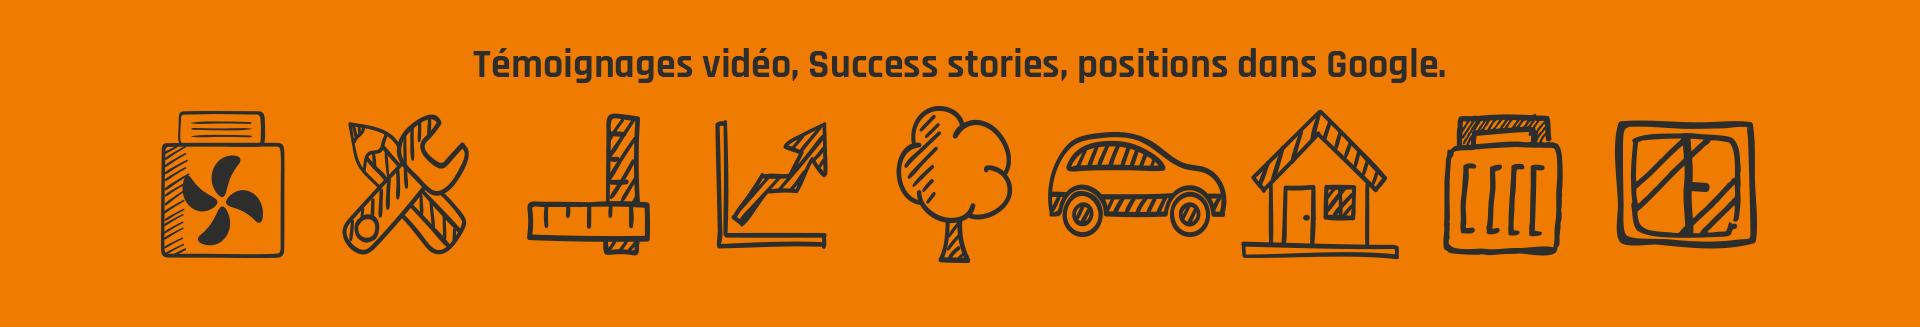 Témoignages vidéo, Success stories, positions dans Google